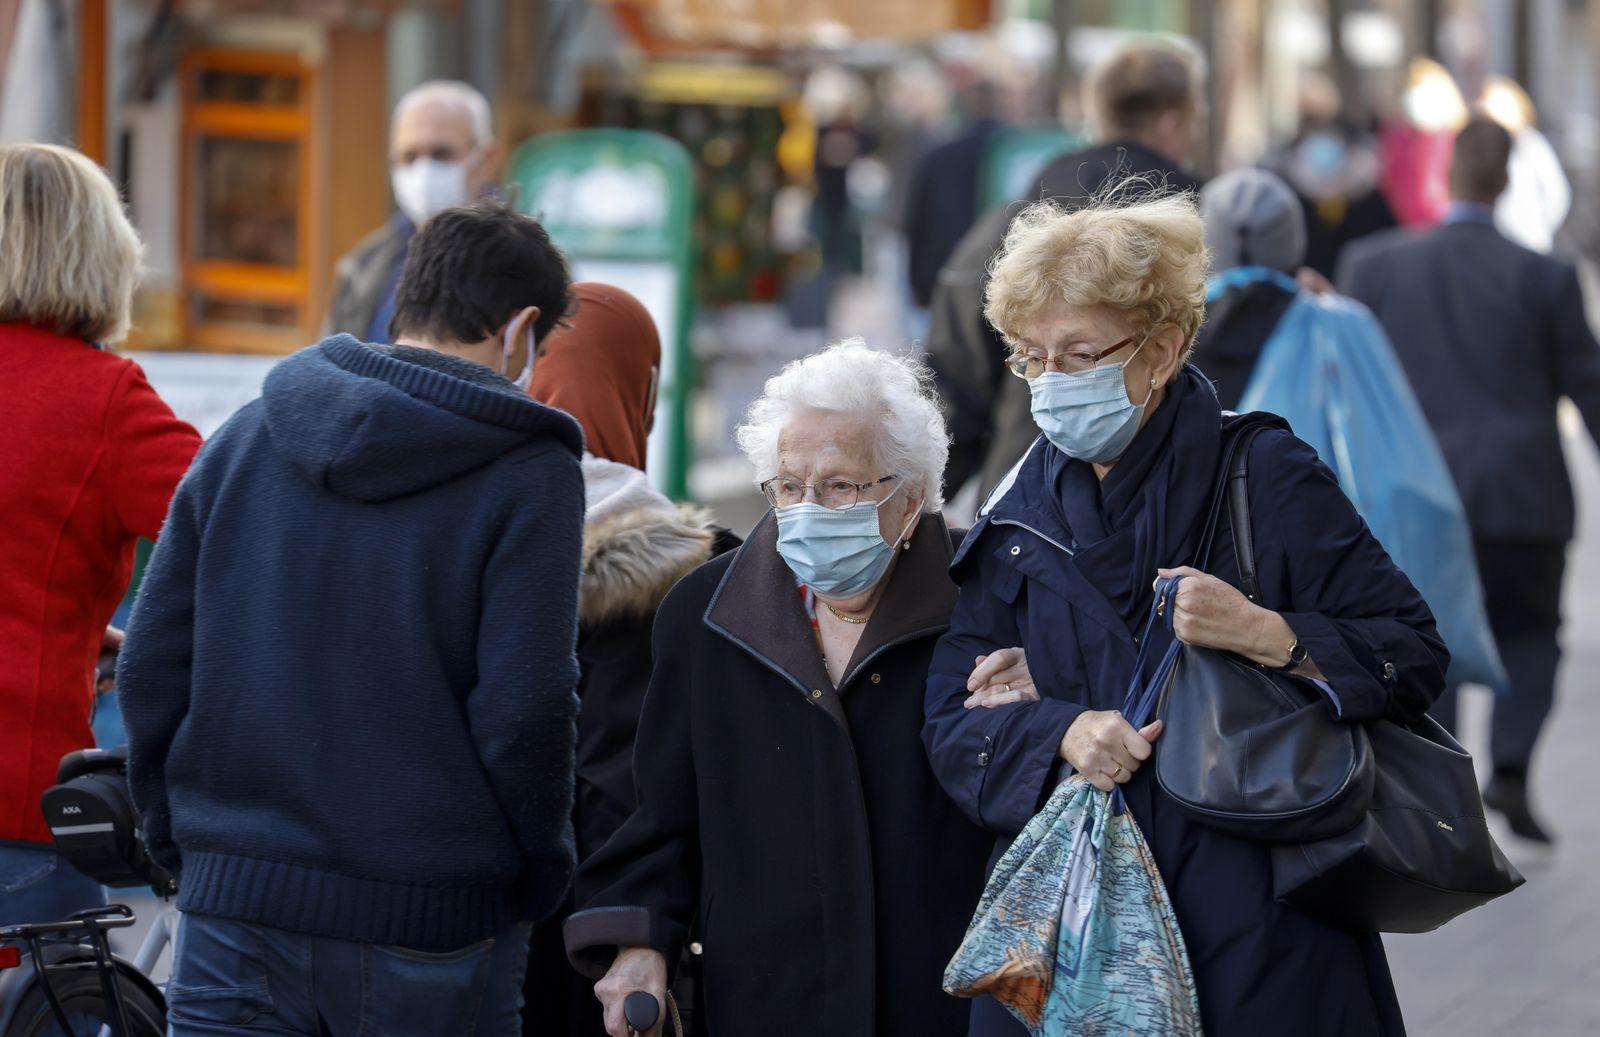 Maskenpflicht in der Duisburger Innenstadt in Zeiten der Coronakrise, Duisburg, Nordrhein-Westfalen, Deutschland